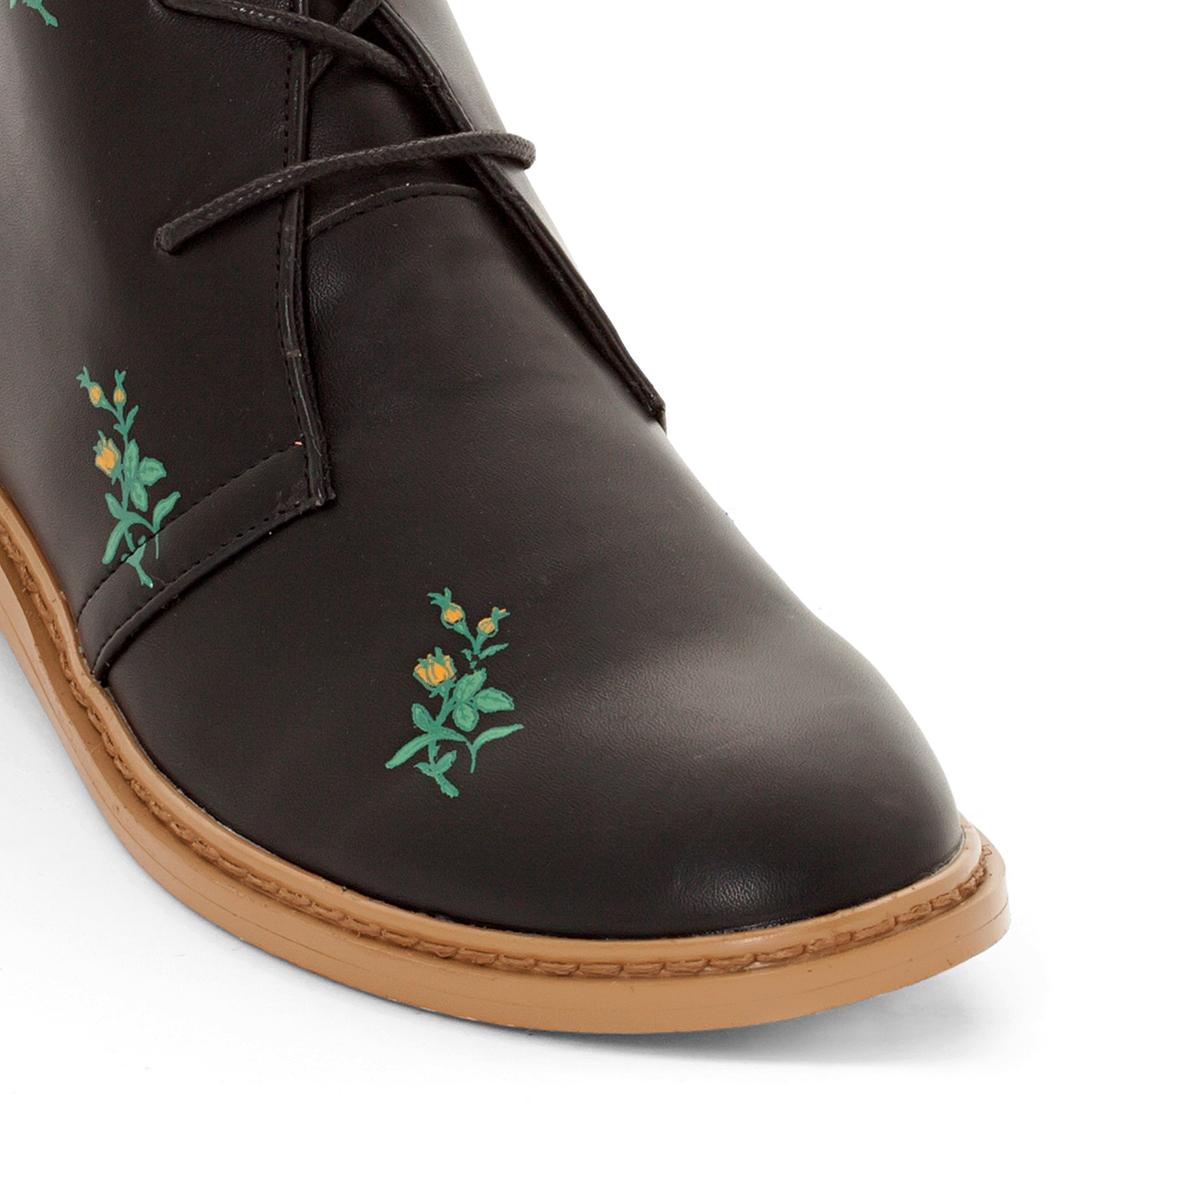 Берцы пустынные на шнуровкеВерх/Голенище : синтетика      Подкладка : текстиль      Стелька : синтетика      Подошва : эластомер      Высота каблука : плоский      Форма каблука : плоский каблук      Мысок : закругленный мысок     Застежка : шнуровка<br><br>Цвет: черный<br>Размер: 42.40.39